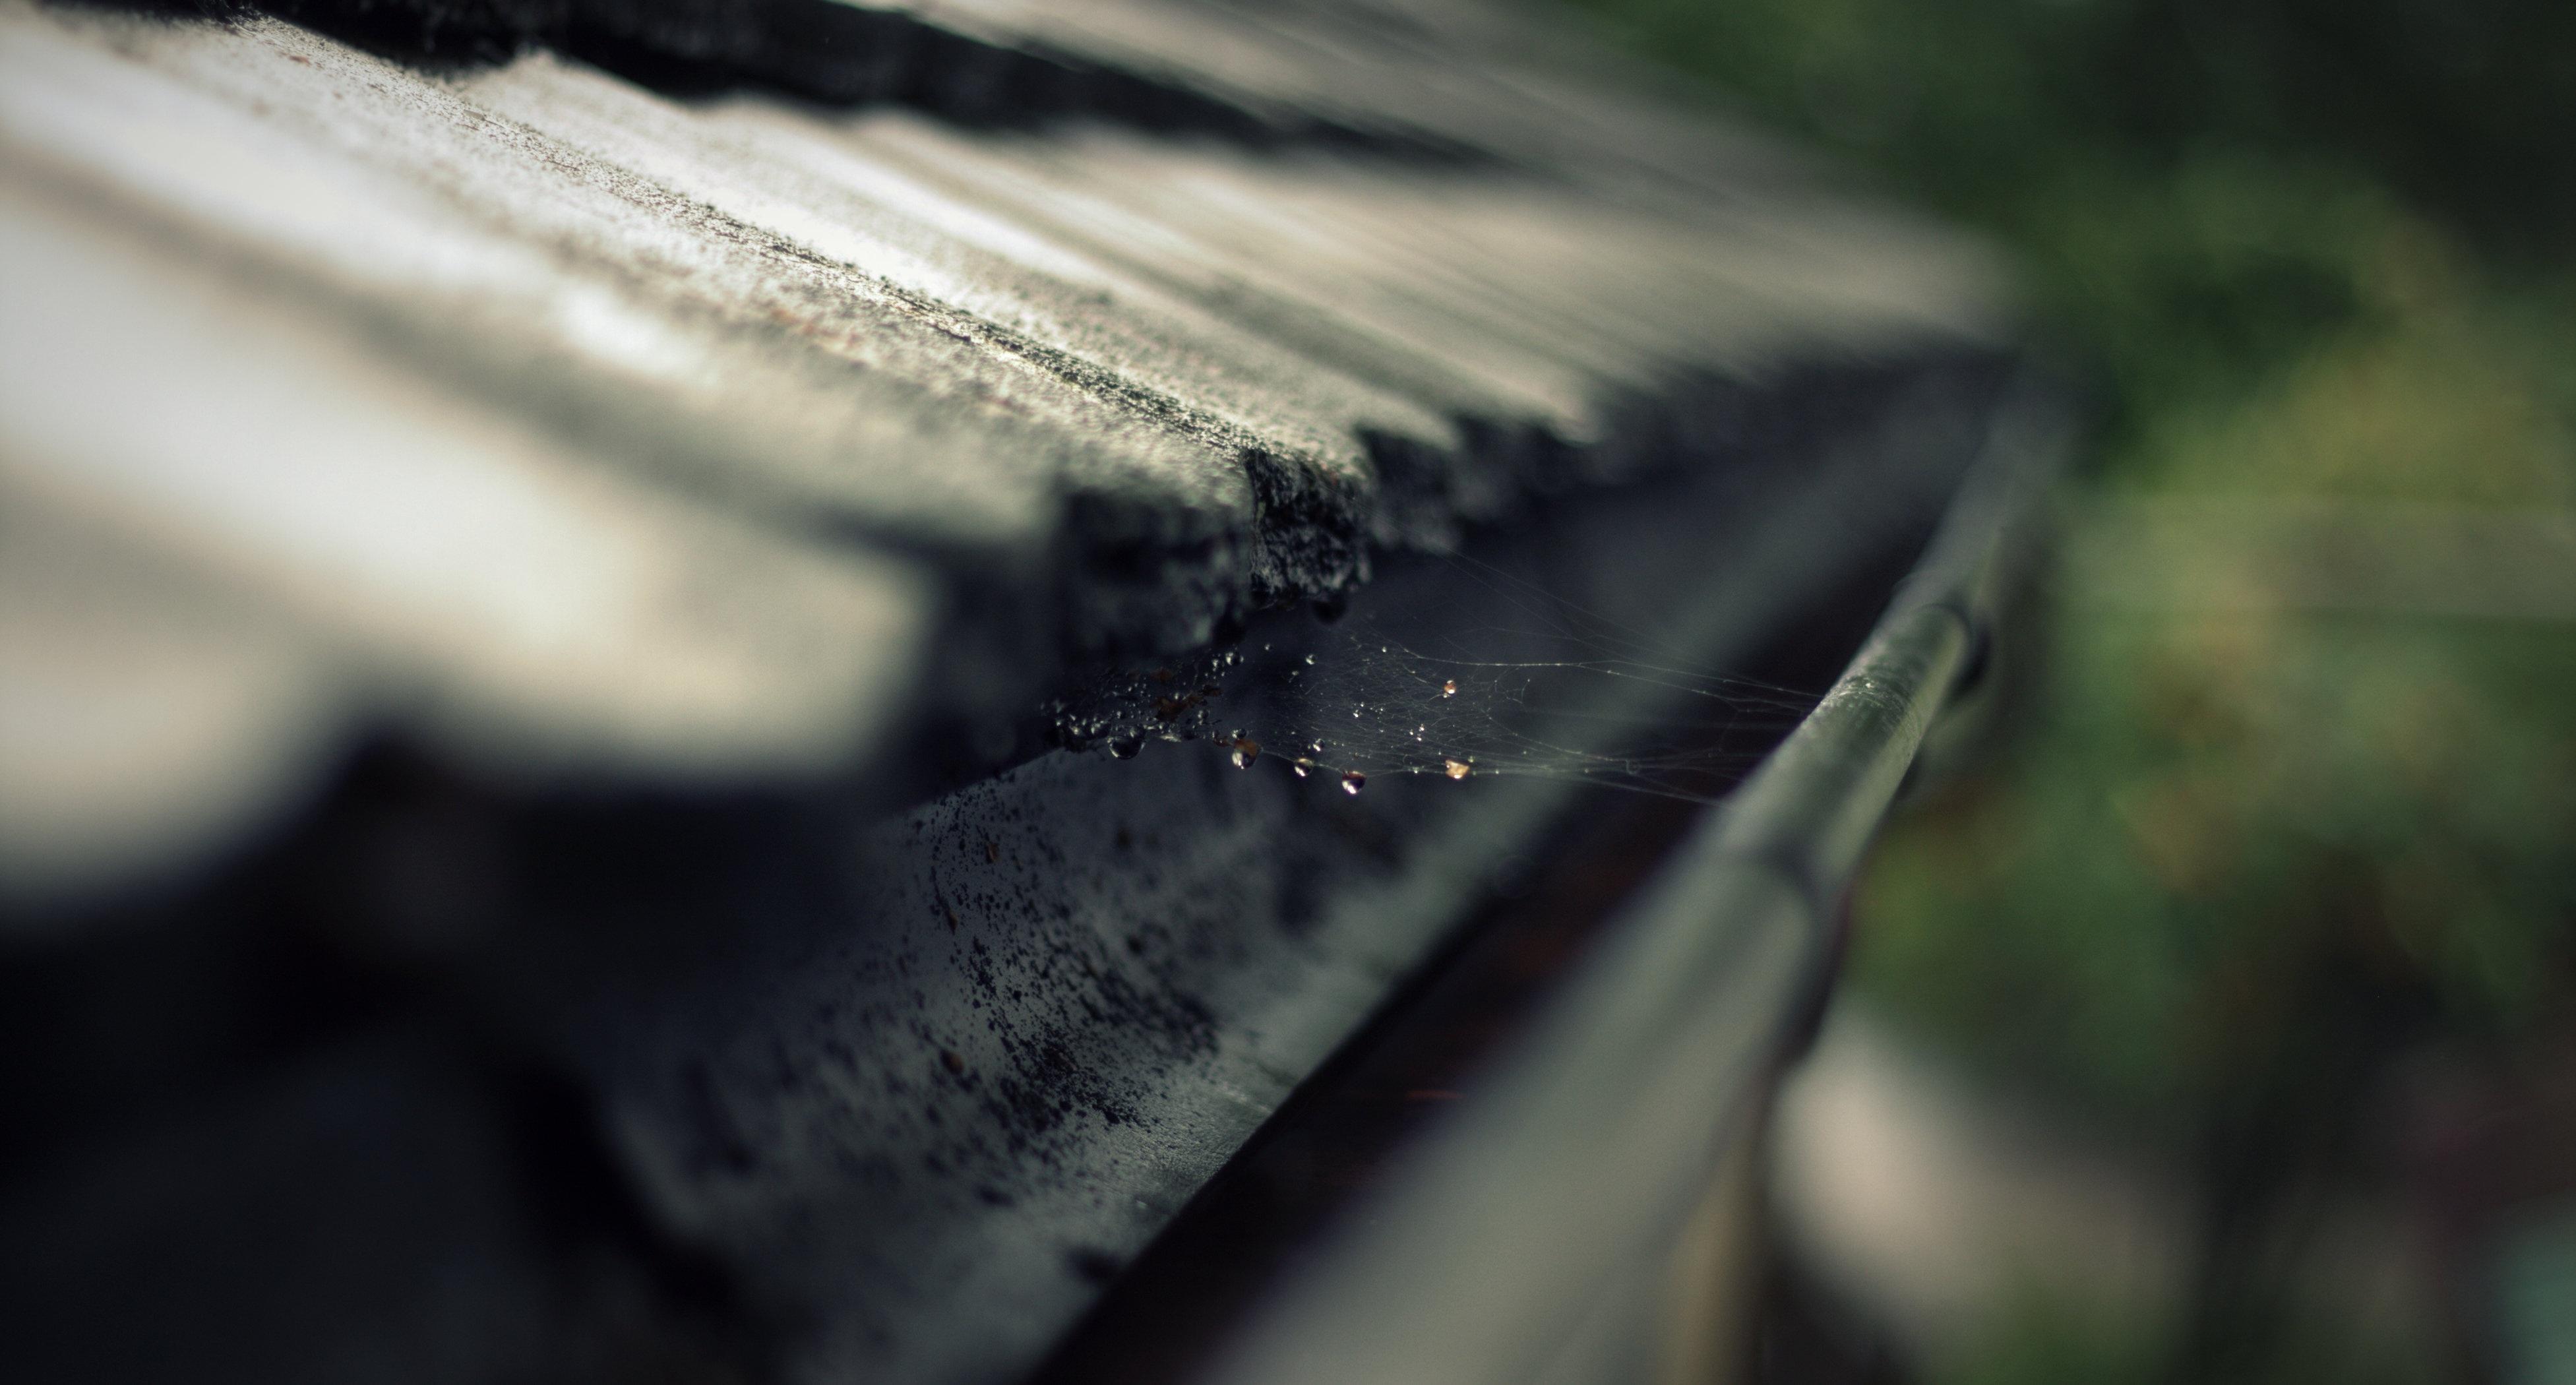 rain-gutter-gutter-roof-cobweb-473845